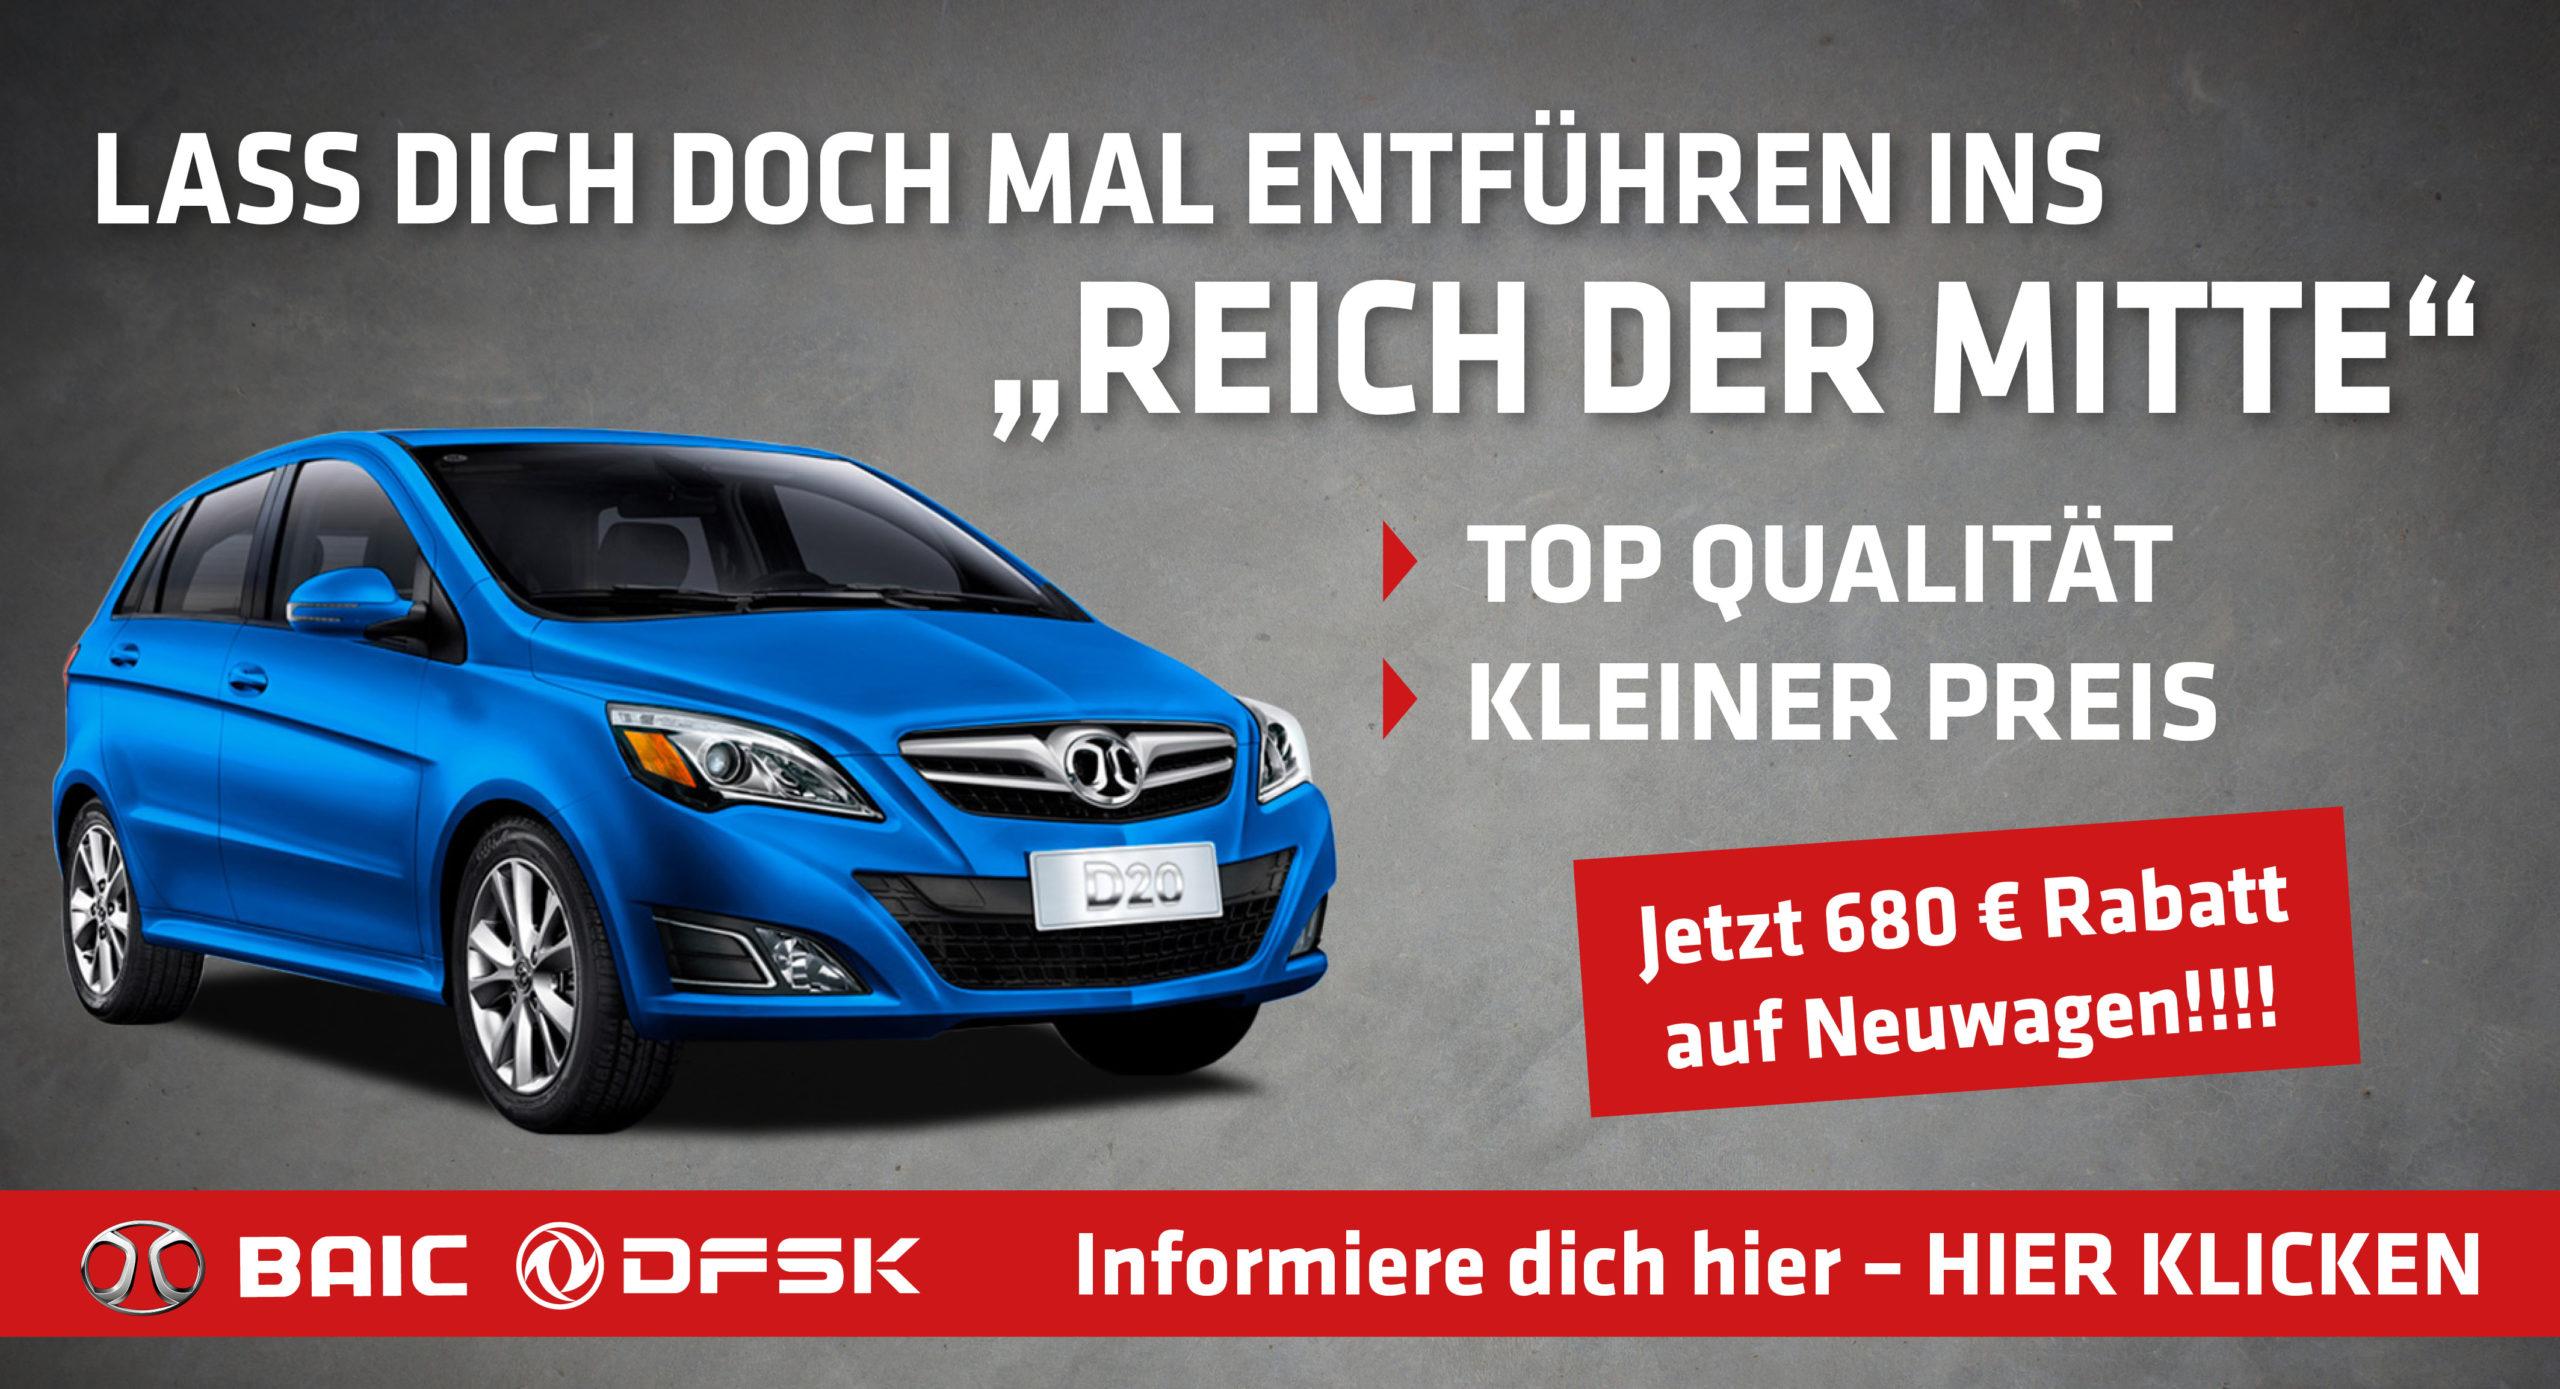 """Lass dich doch mal entführen ins """"Reich der Mitte"""" - Top Qualität - kleiner Preis - Jetzt 680 € Rabatt auf Neuwagen!!!! - Informiere dich hier – Hier klicken"""